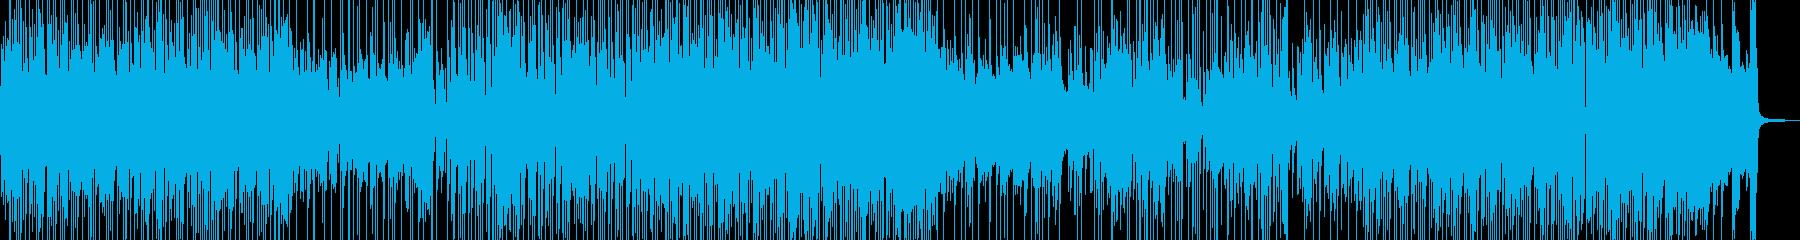 ピクニック気分・ブラスジャズポップの再生済みの波形